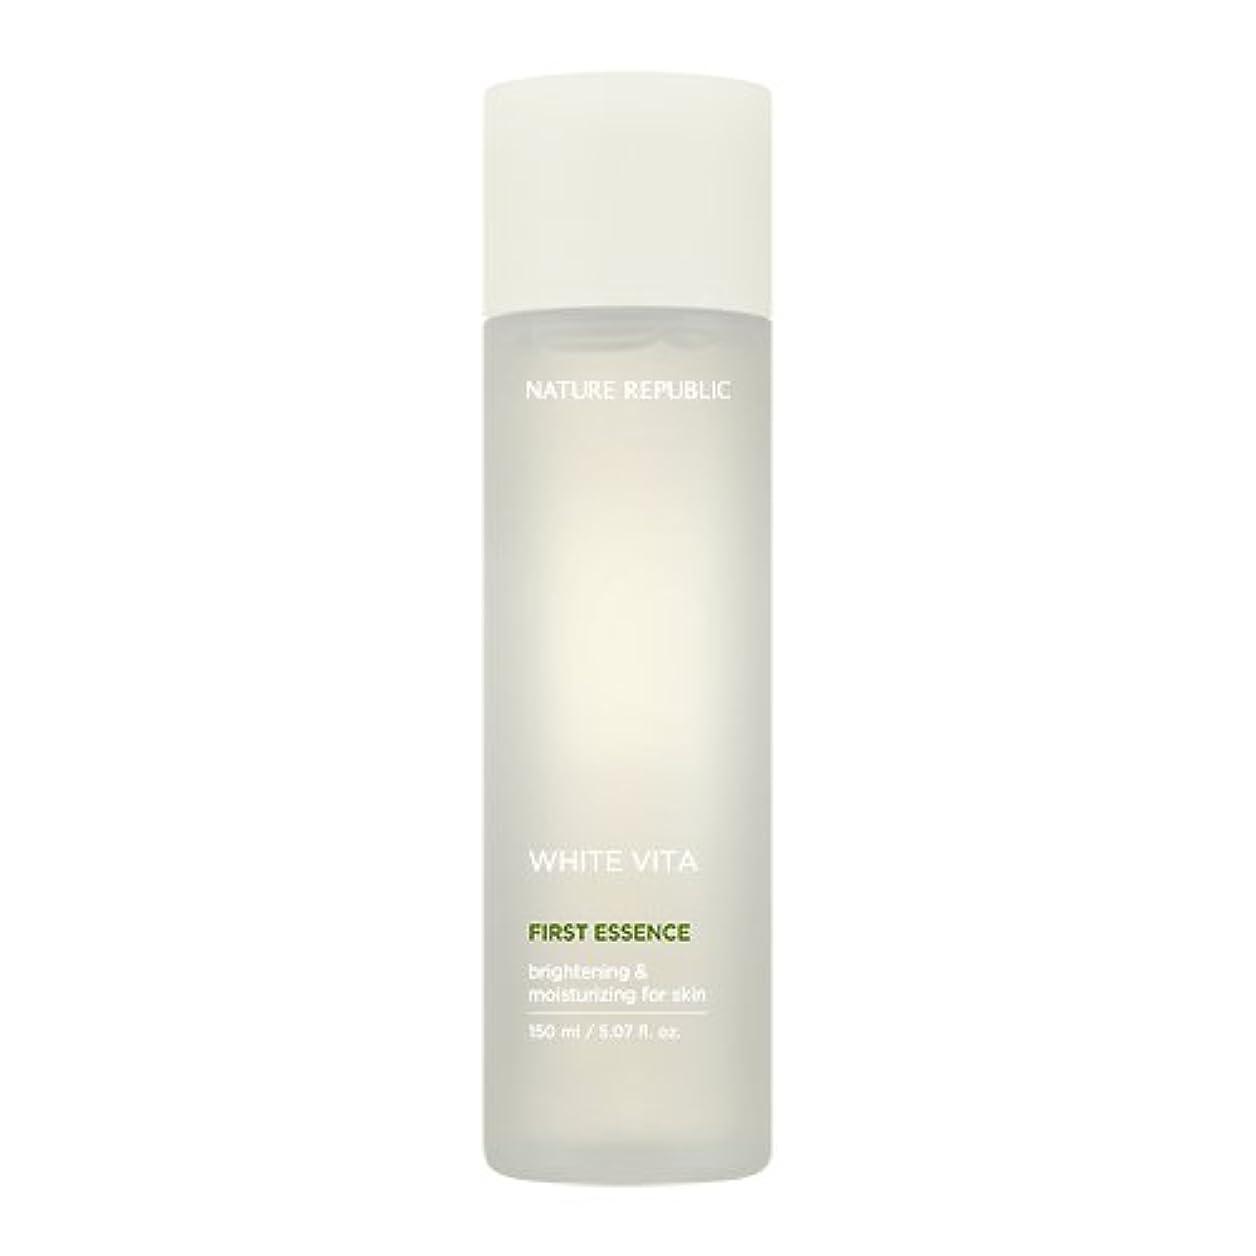 誰チャーミング上がる[Renewal] NATURE REPUBLIC White Vita Floral Capsule Essence / ネイチャーリパブリック ホワイトヴィータフローラルプセルエッセンス40ml [並行輸入品]